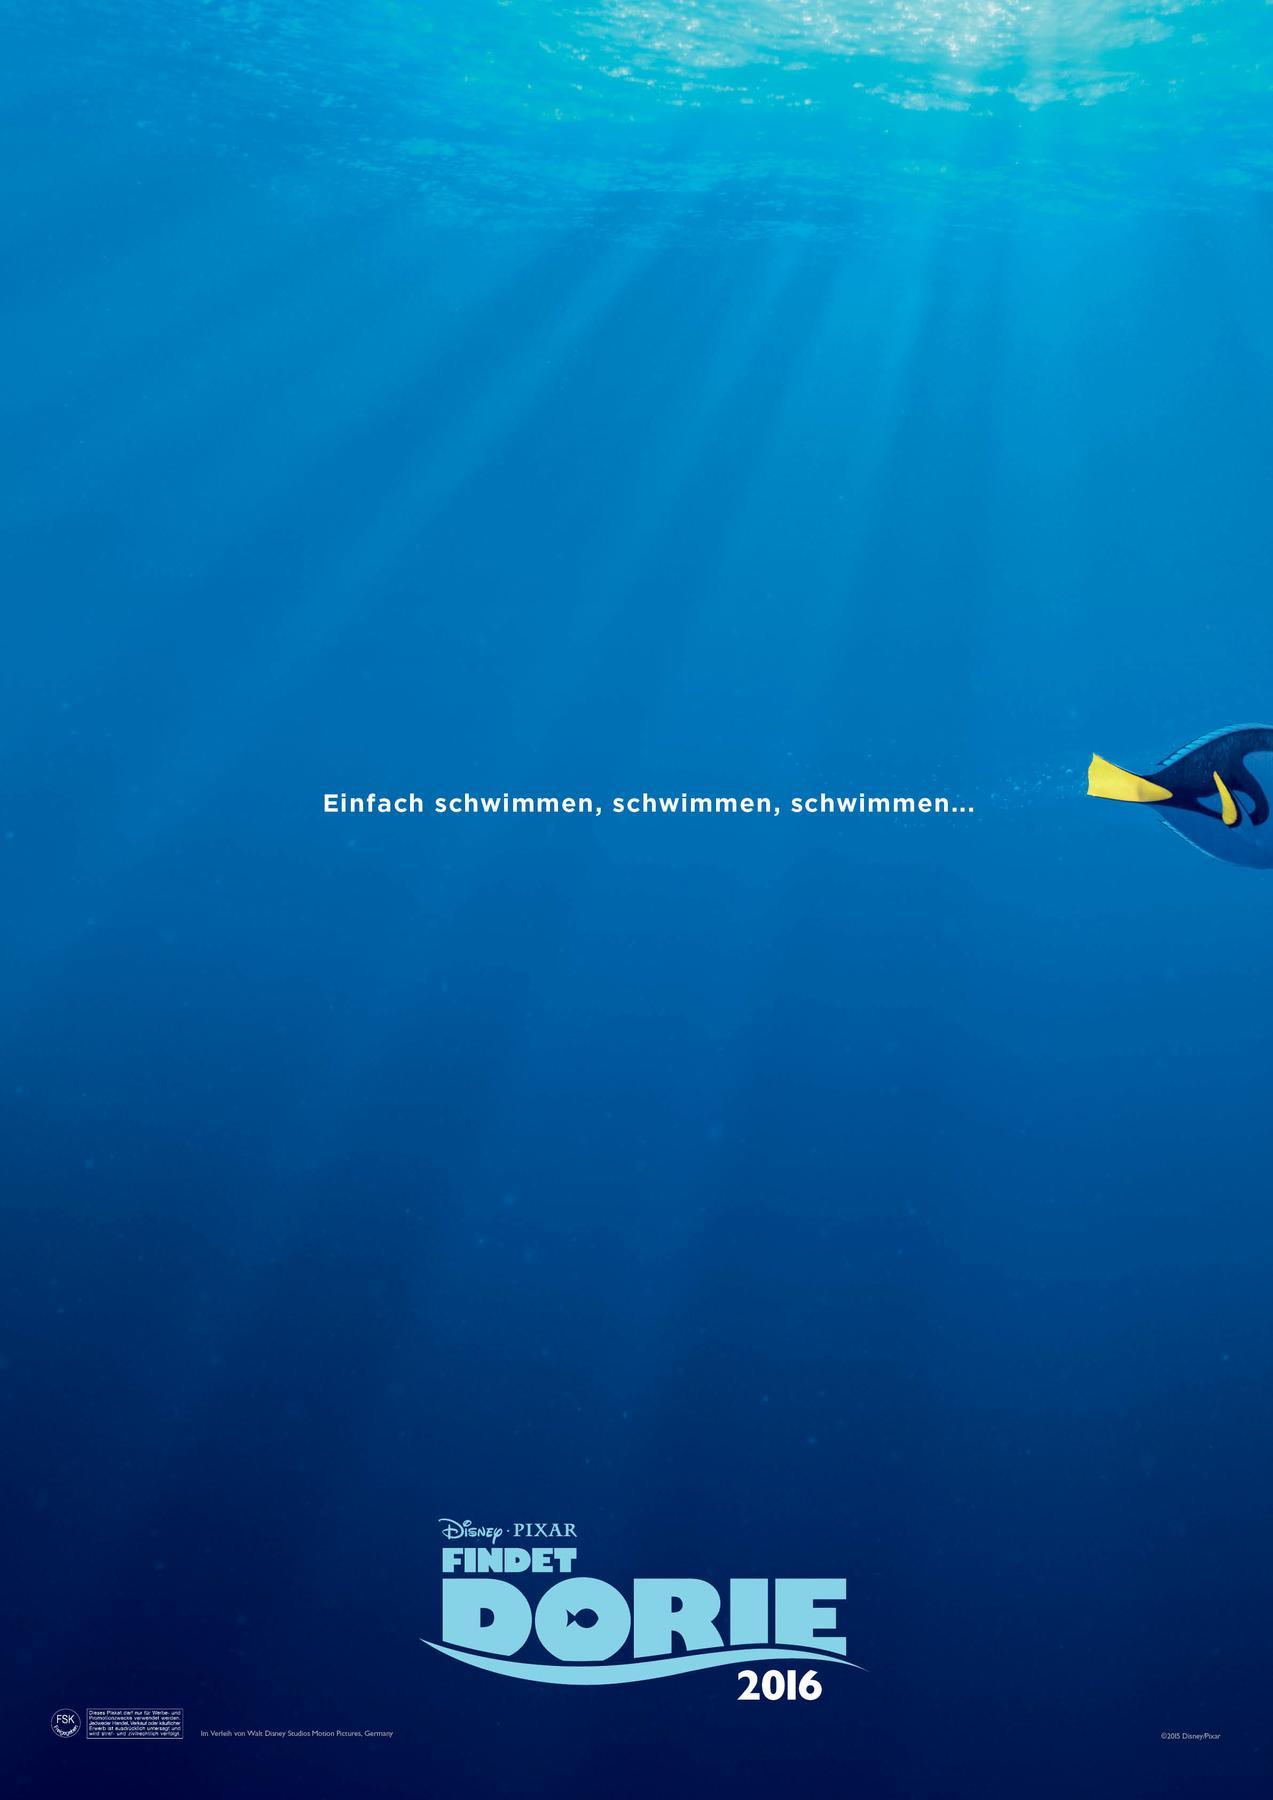 Walt Disney Findet Dorie Film Plakat teaser